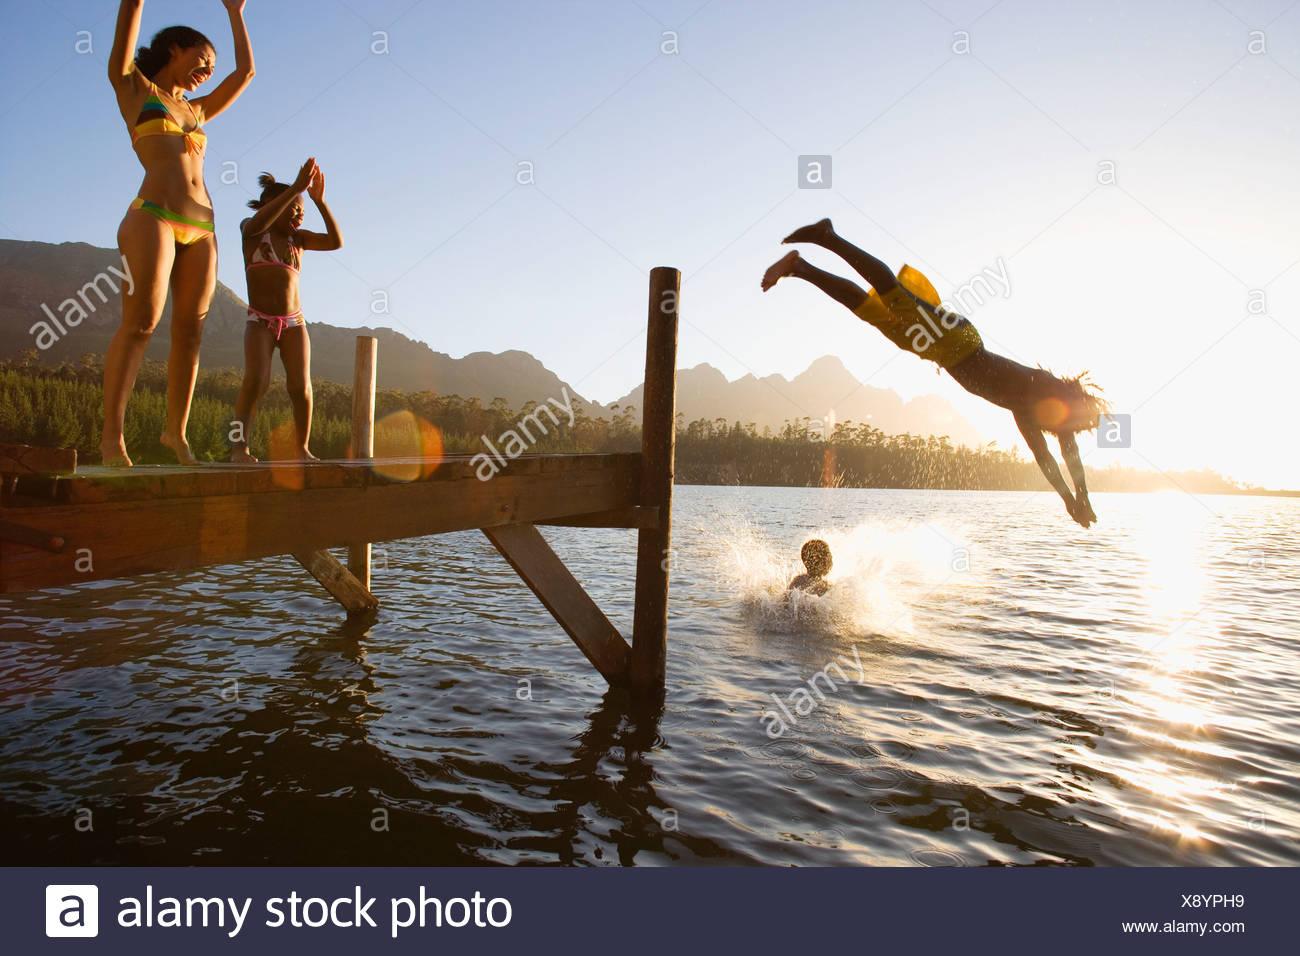 Vater und Sohn 8 10 in Badebekleidung tauchen ab Anlegestelle in See bei Sonnenuntergang Mutter und Tochter 7 9 jubelnden Objektiv flare Stockbild